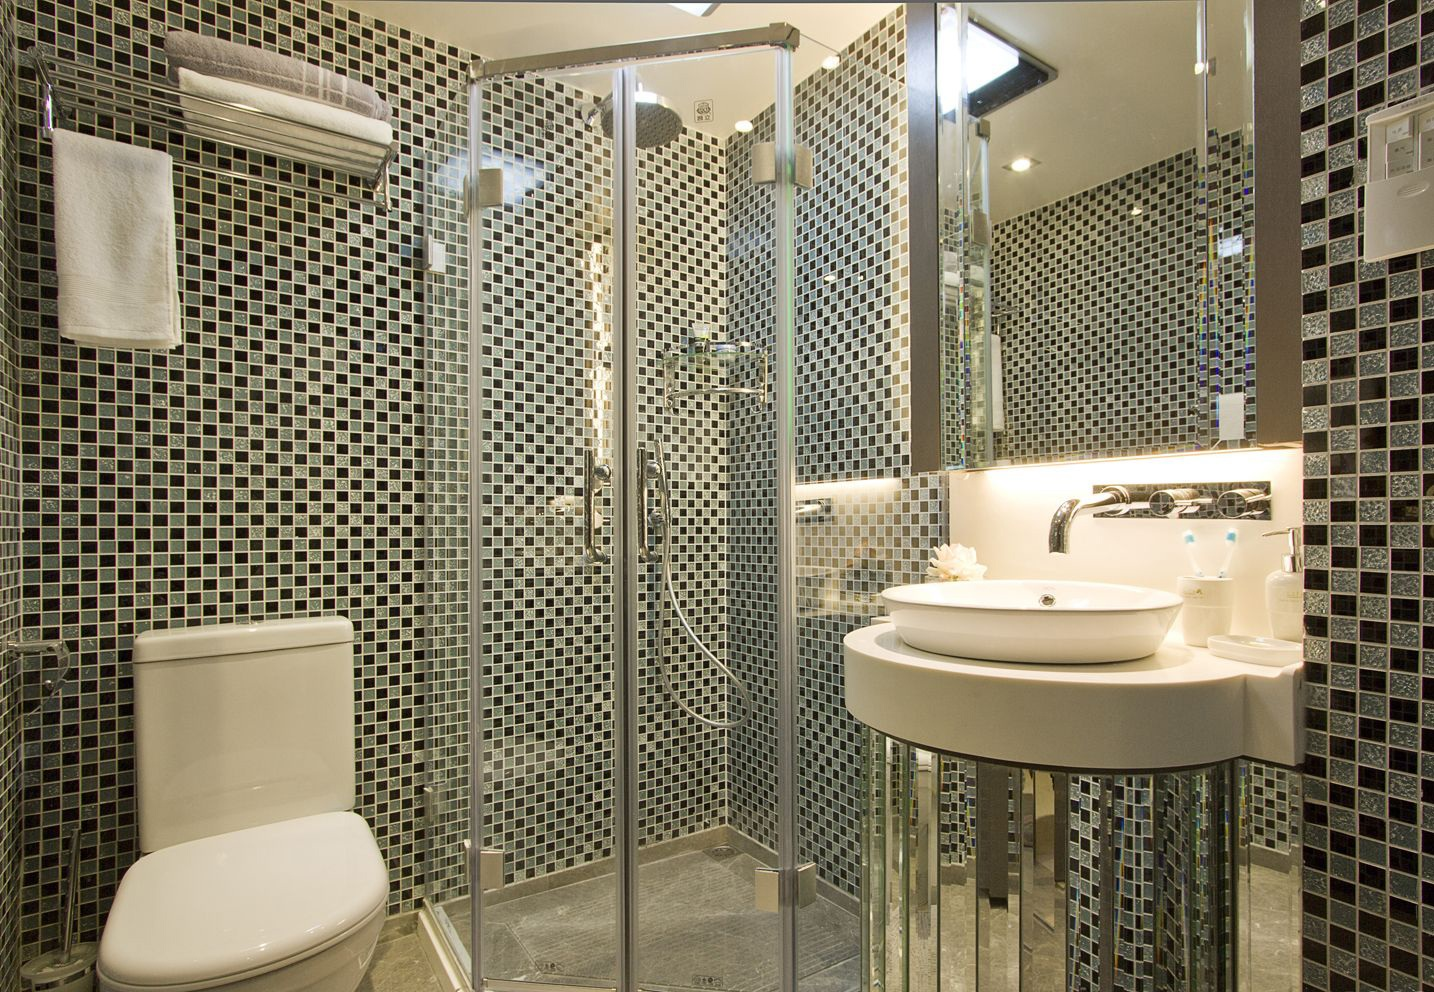 卫生间干湿分离,提高使用效率,简洁赋有意境